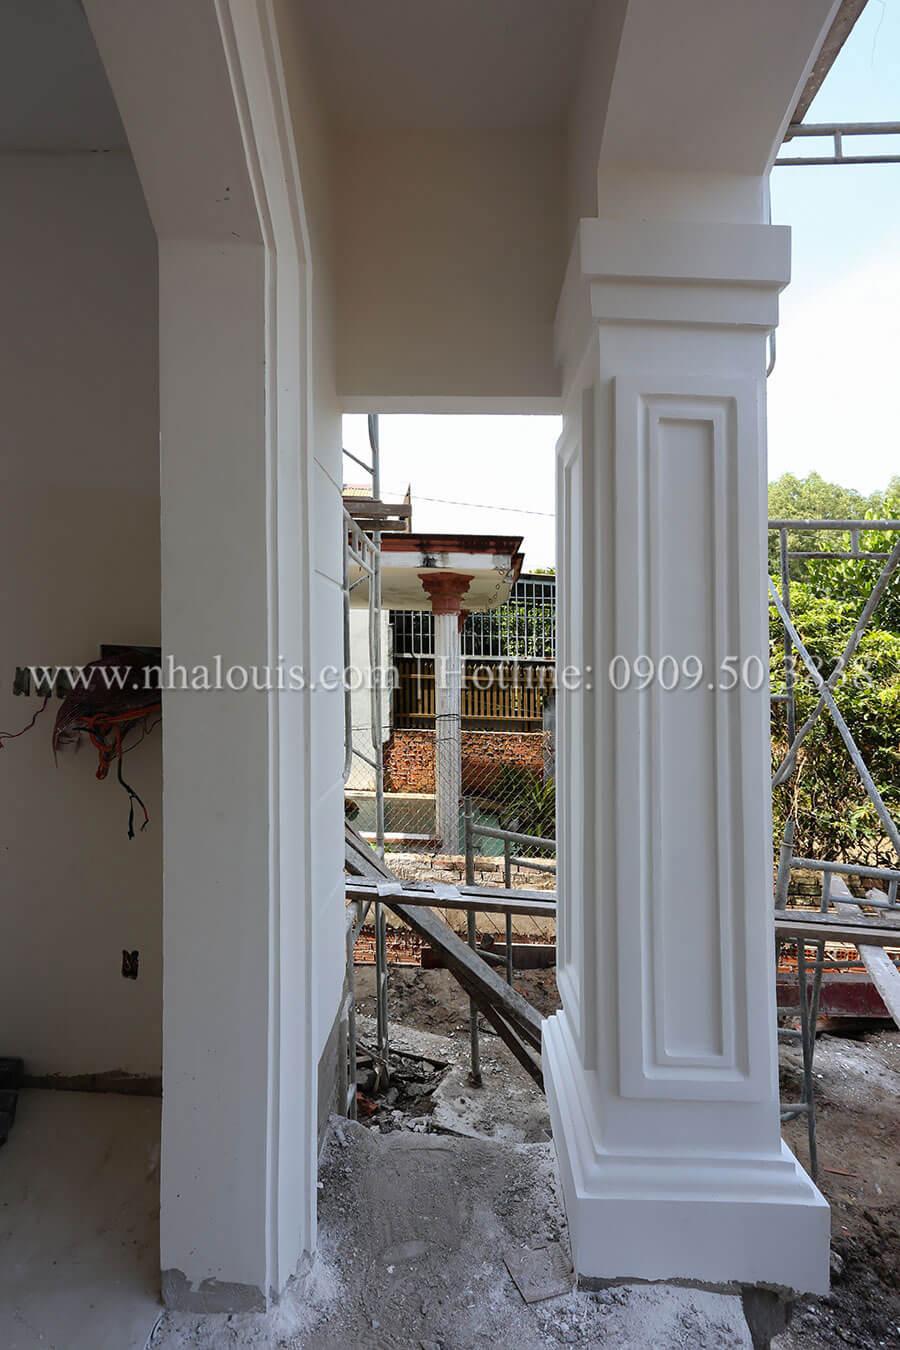 Thi công mẫu thiết kế biệt thự 3 tầng đẹp có sân vườn tại Đồng NaiThi công mẫu thiết kế biệt thự 3 tầng đẹp có sân vườn tại Đồng Nai